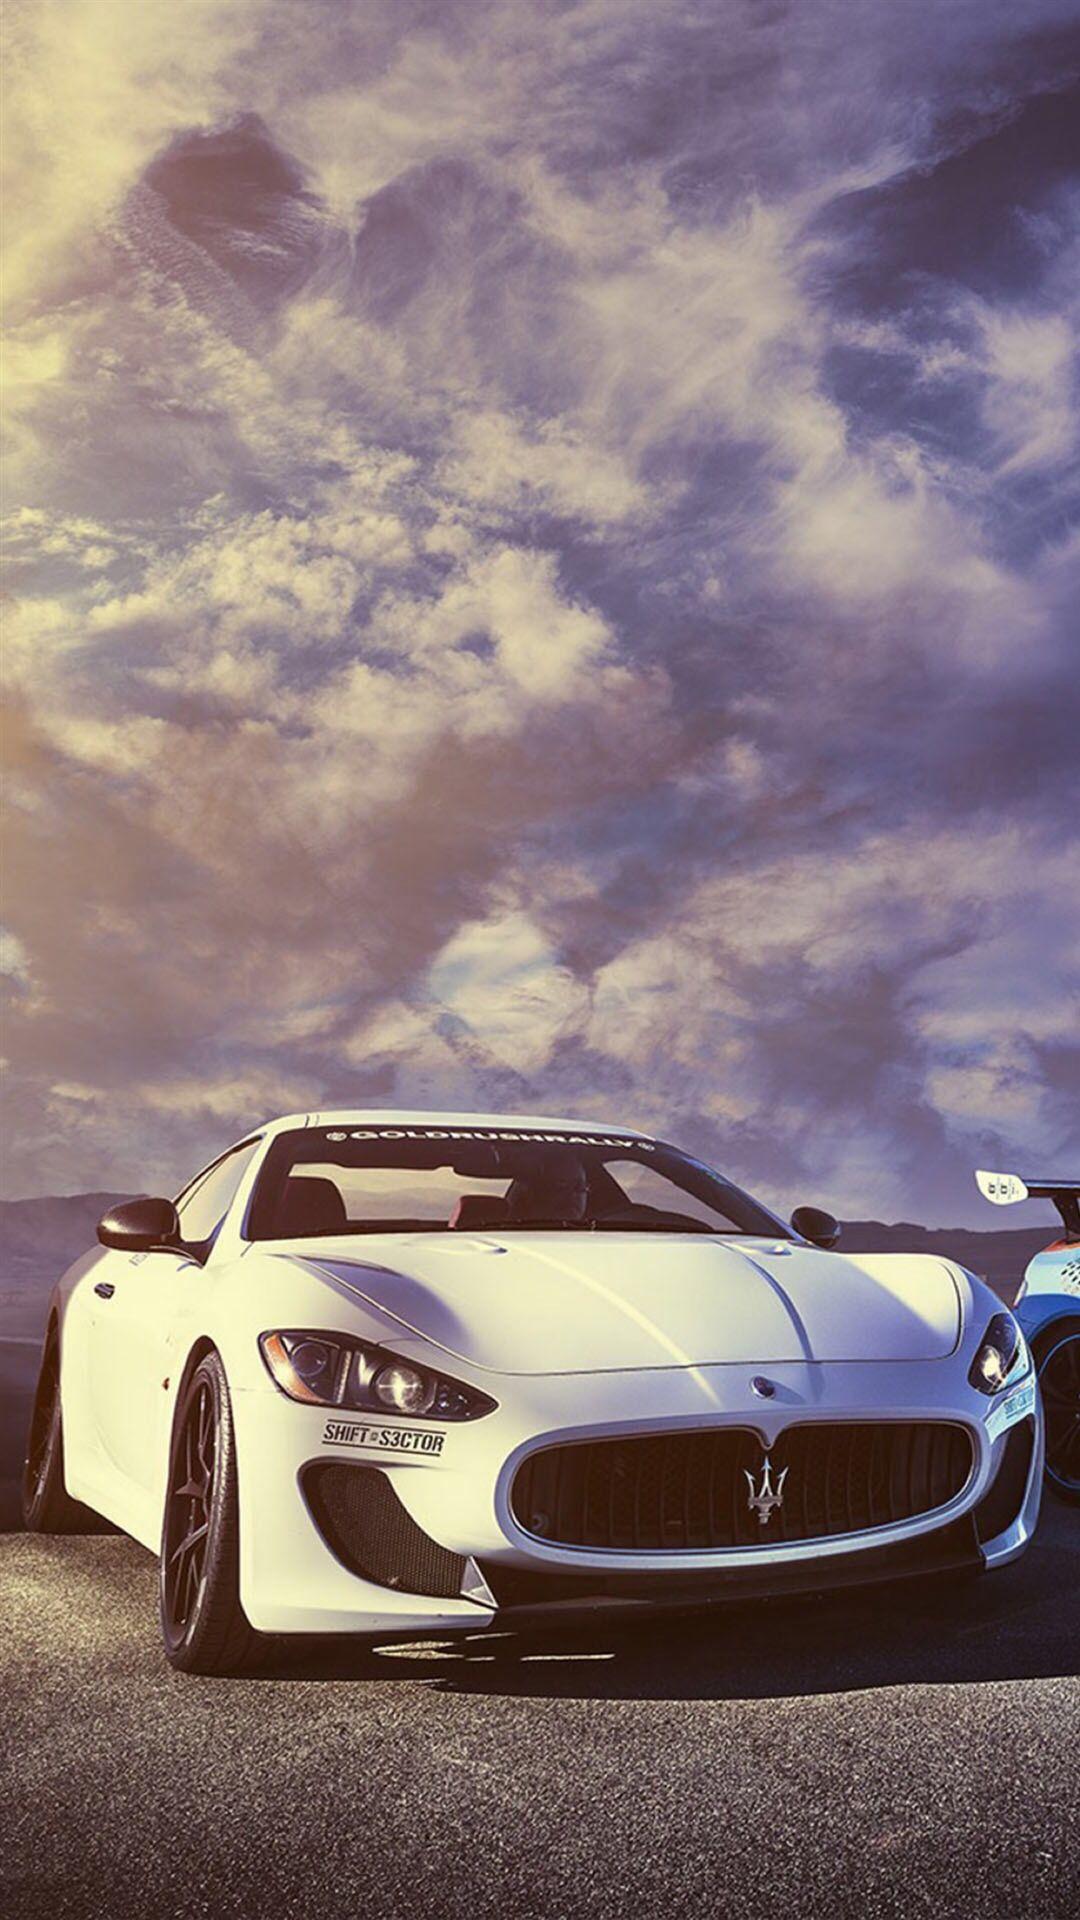 Splendid Maserati Sports Car Sky View iPhone 6 wallpaper 1080x1920